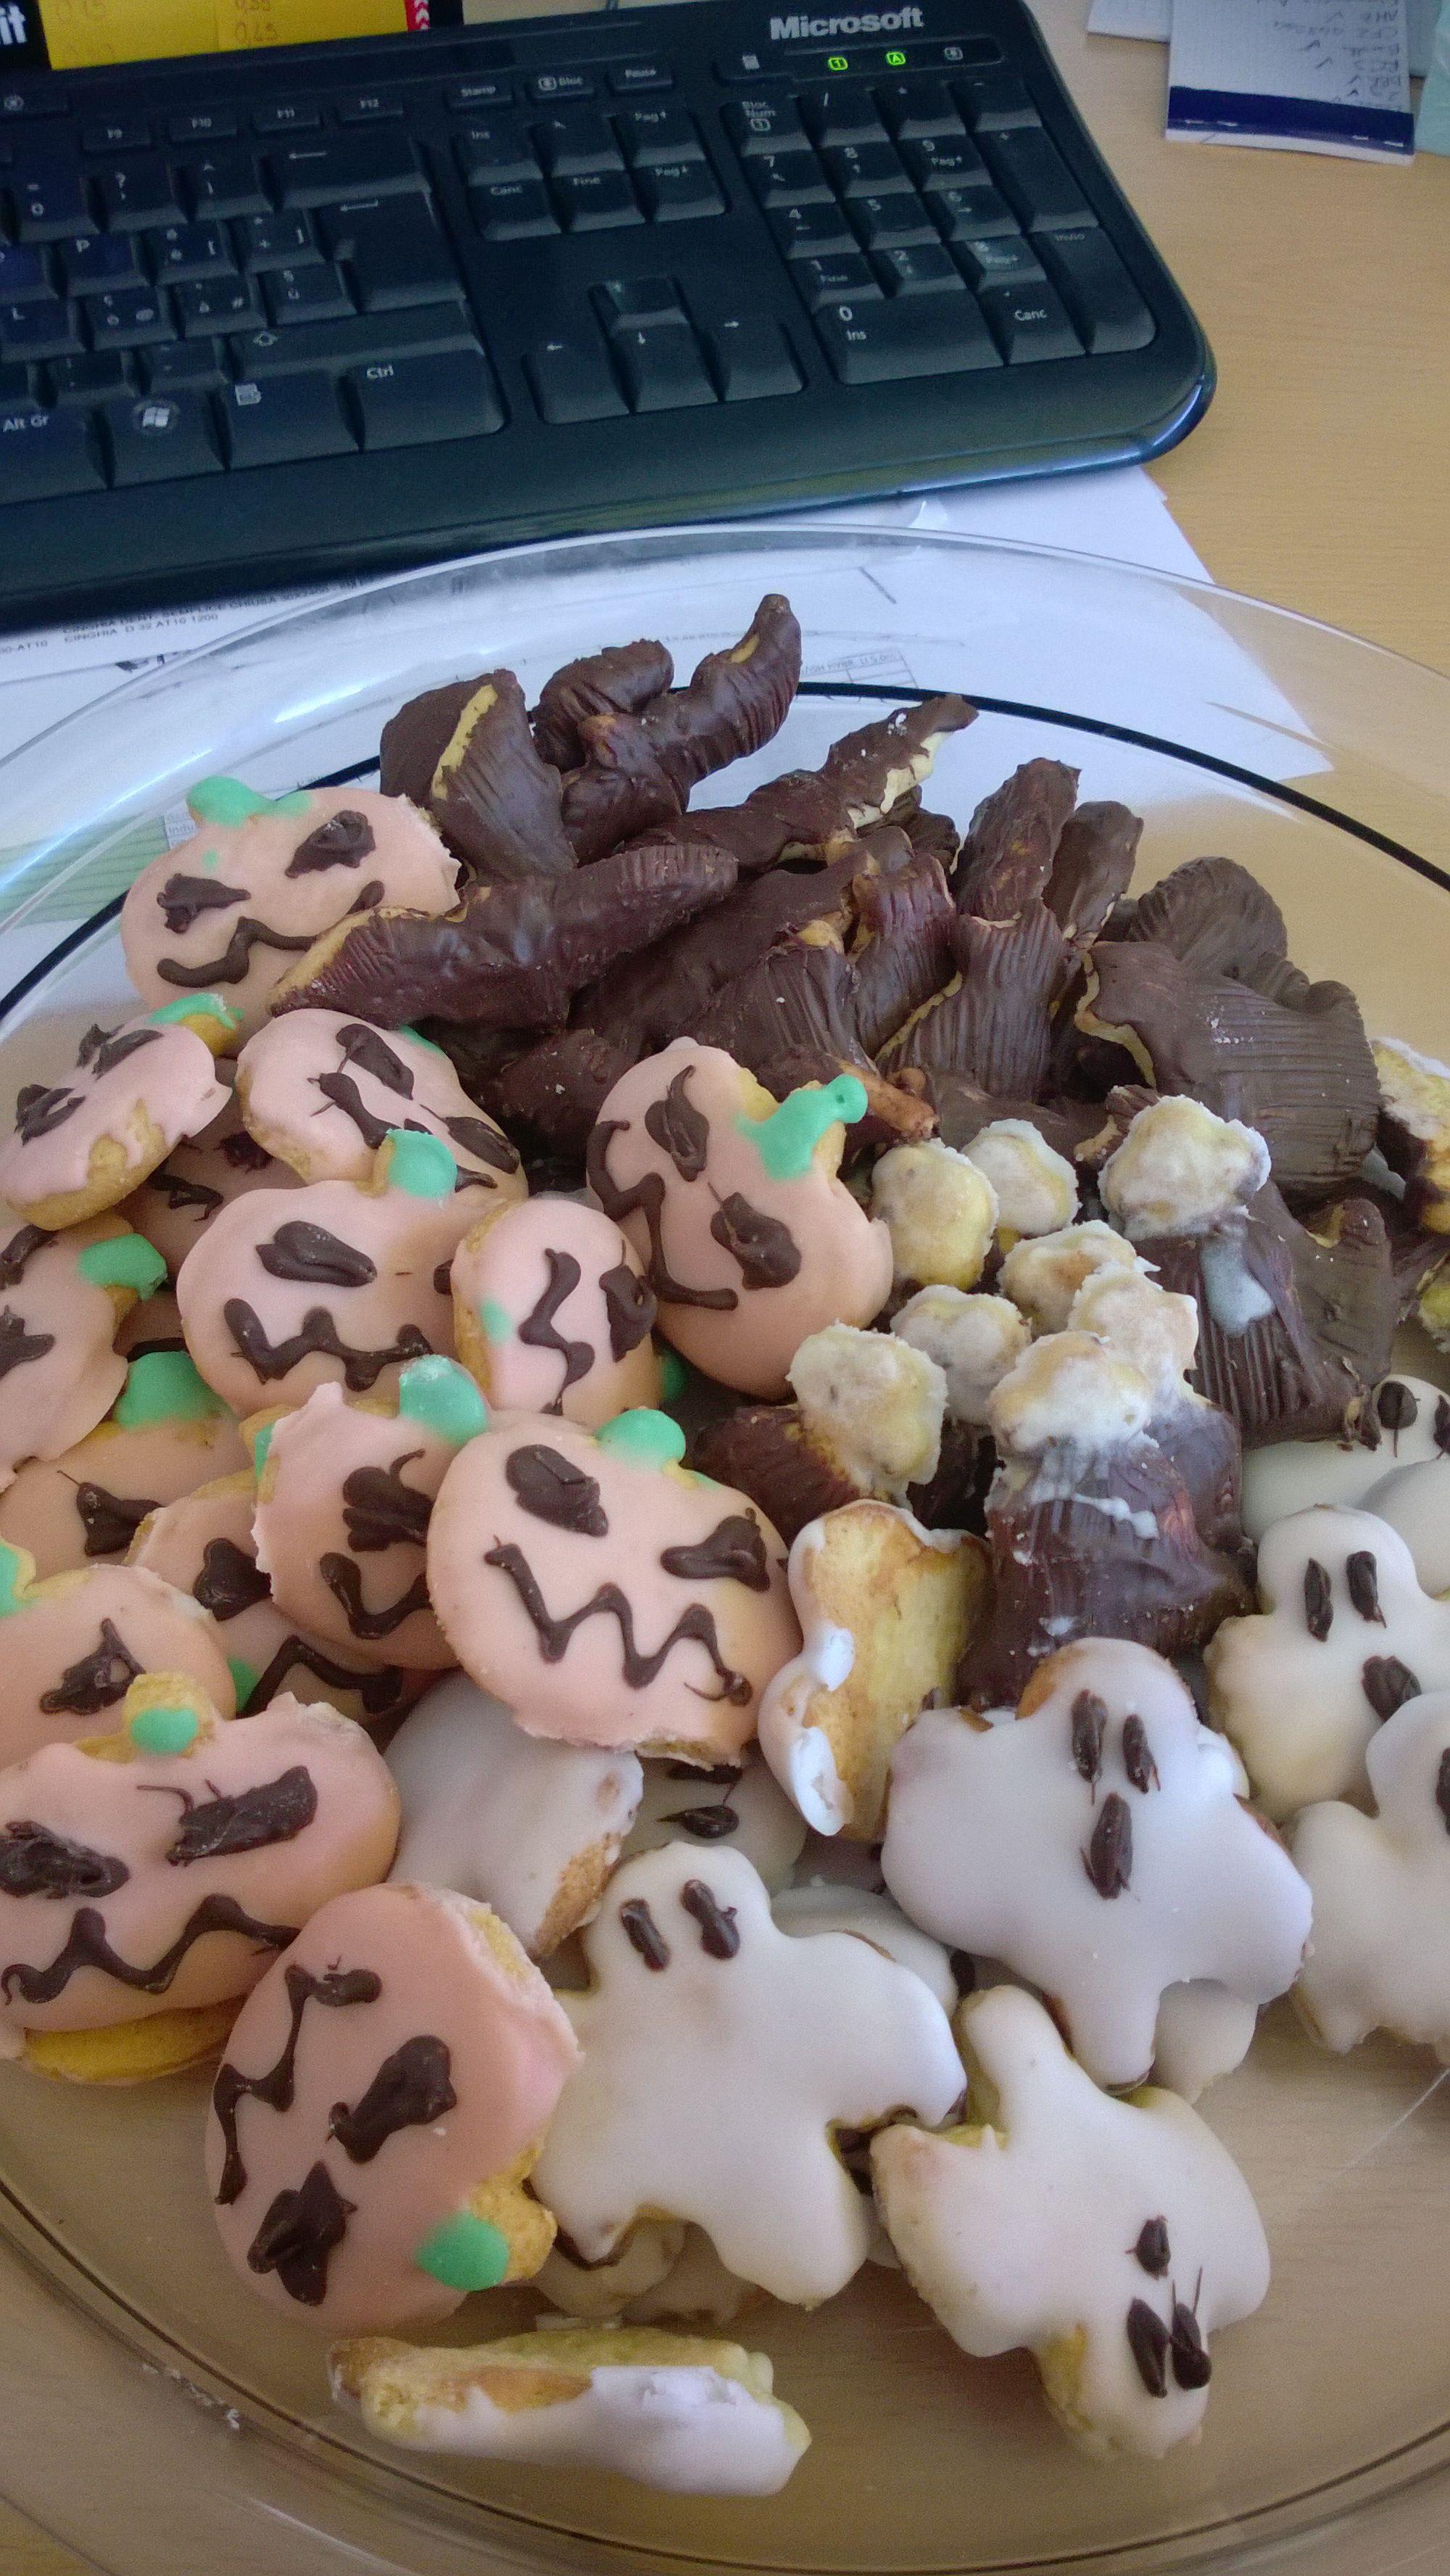 Cookie-ween!